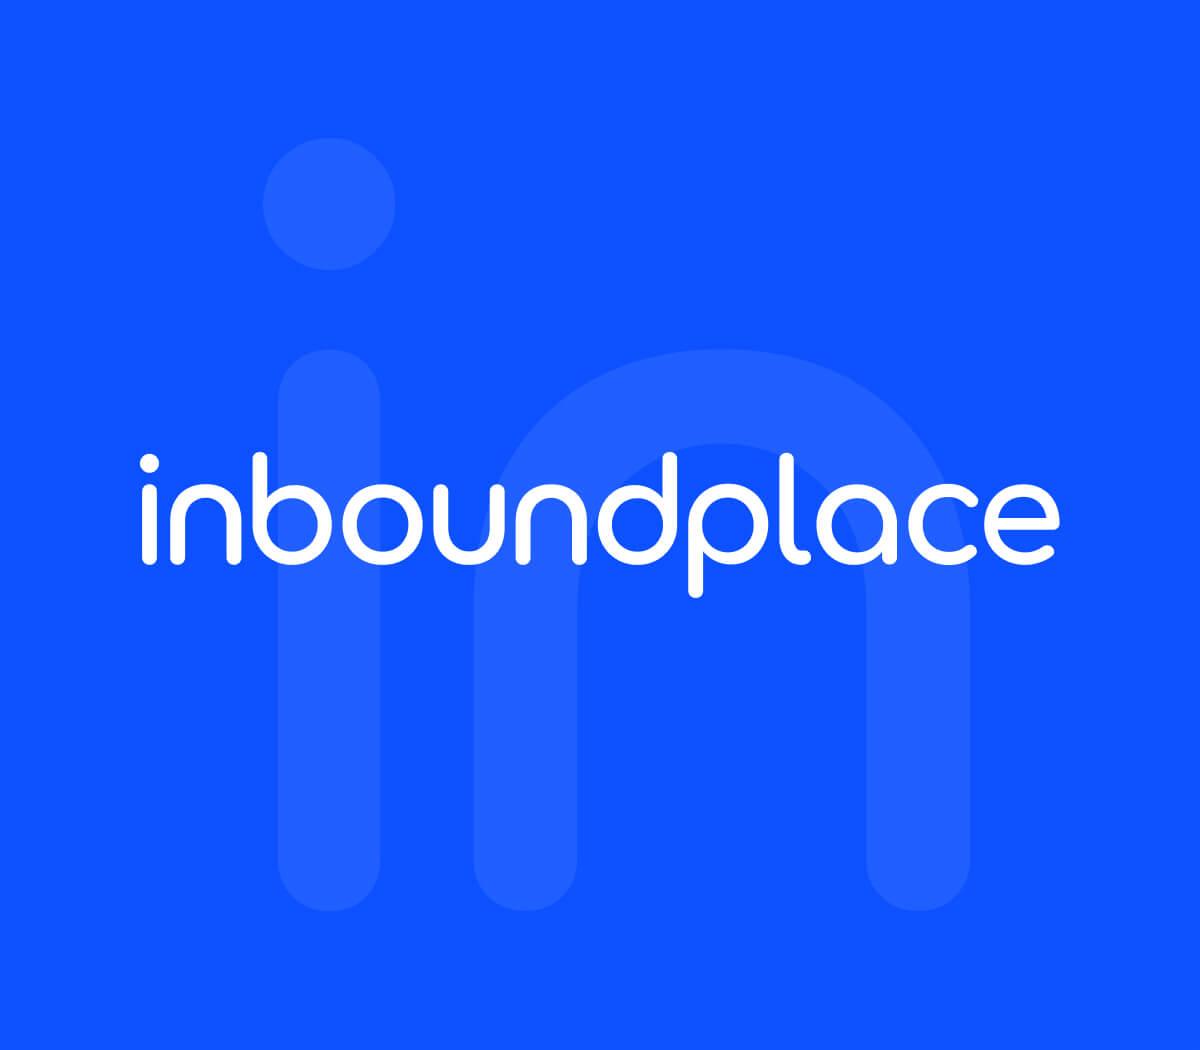 Inboundplace